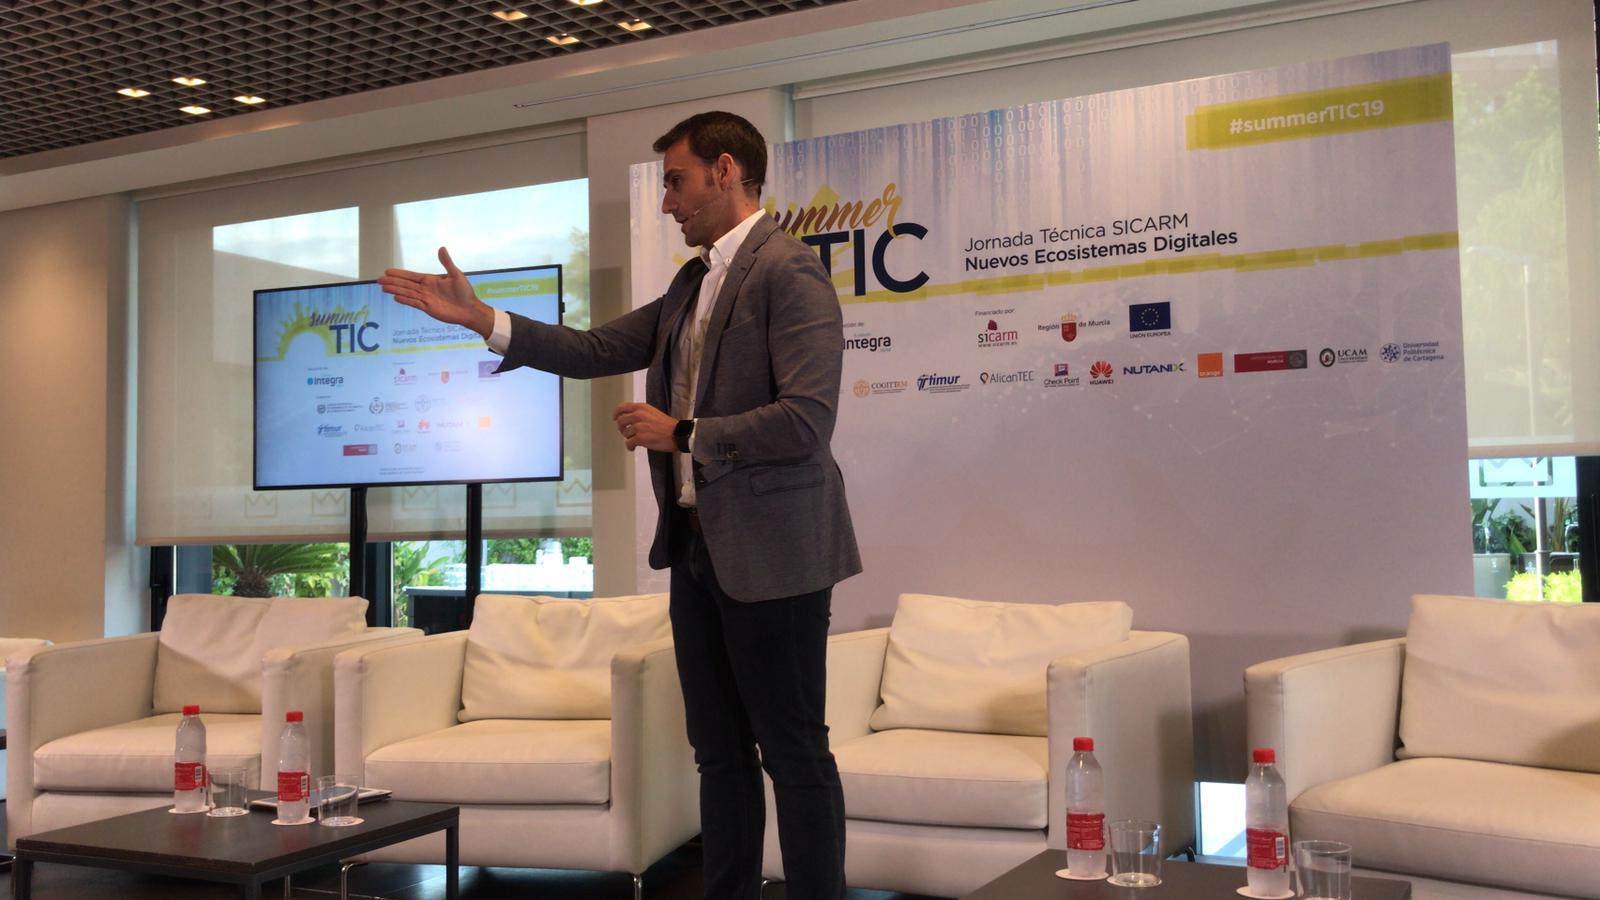 Foto: Juan José Almela Martínez, Director General de Informática, Patrimonio y Telecomunicaciones de la región de Murcia, Presentación de la Summer TIC, jornada técnica SICARM (Nuevos Ecosistemas Digitales) 2019